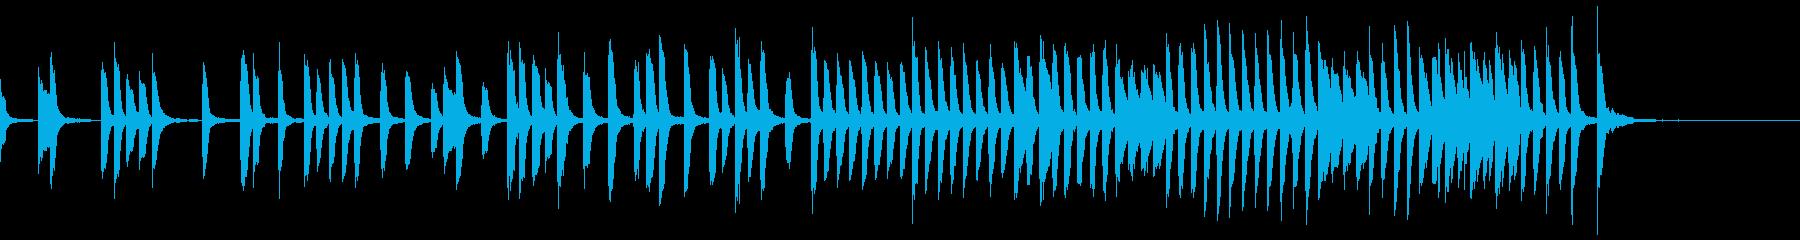 ちょっと切ない かわいいシンプルピアノ曲の再生済みの波形